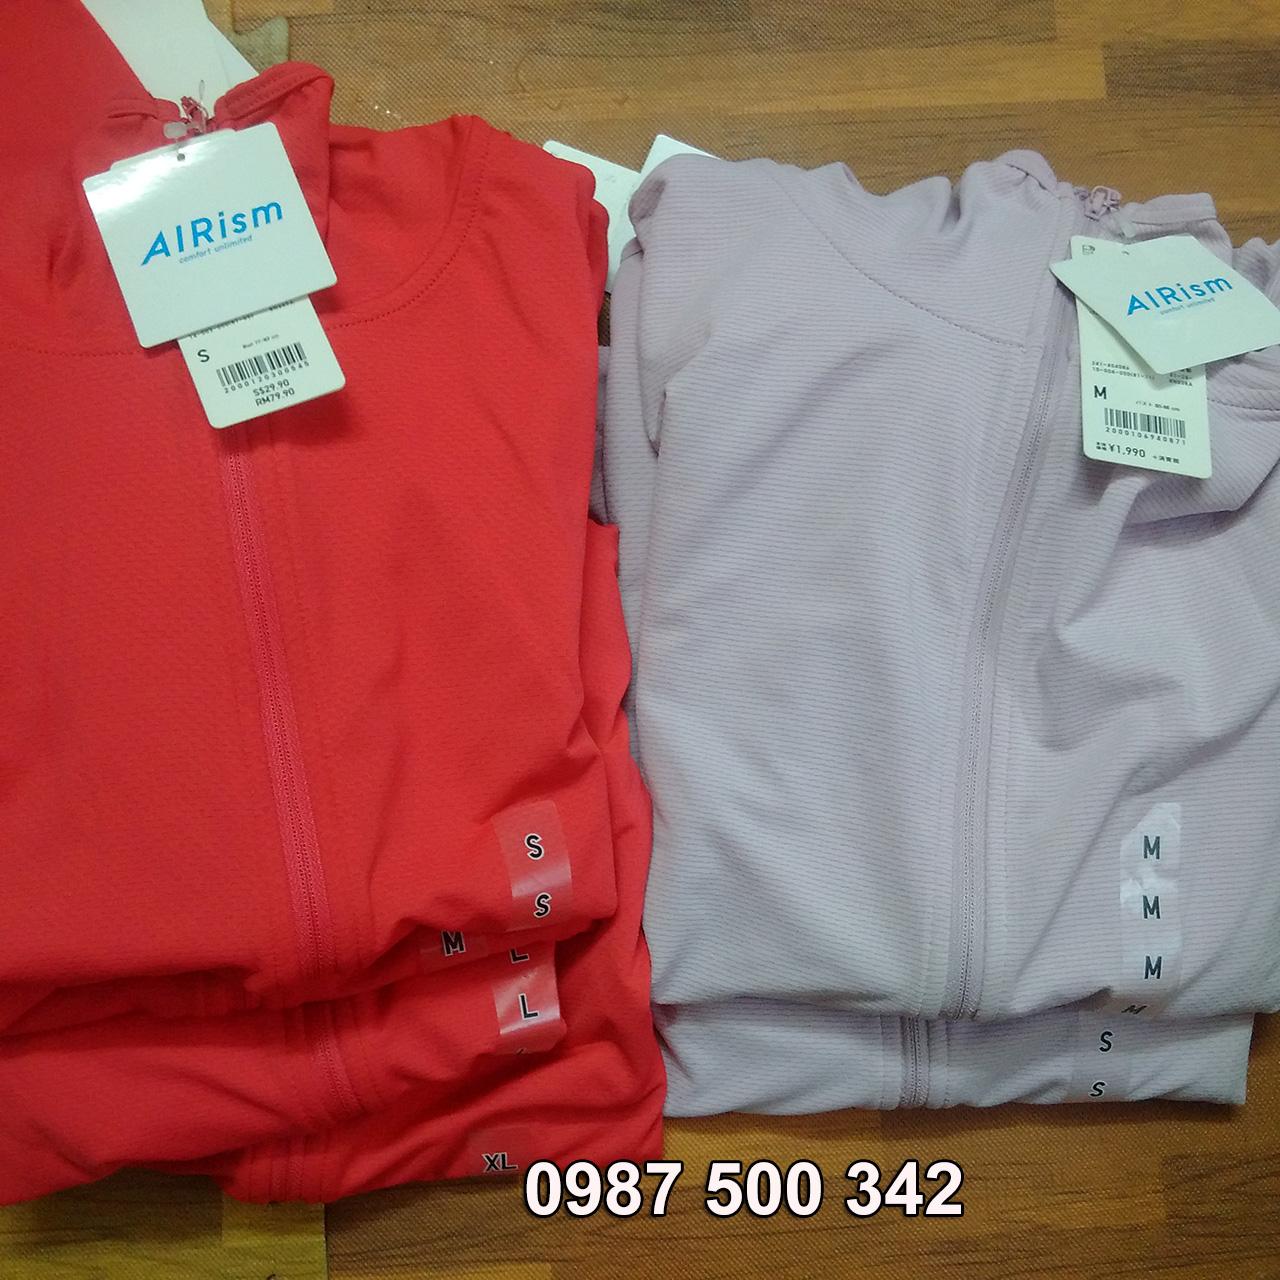 Sale áo chống nắng Uniqlo AiRism hàng chính hãng